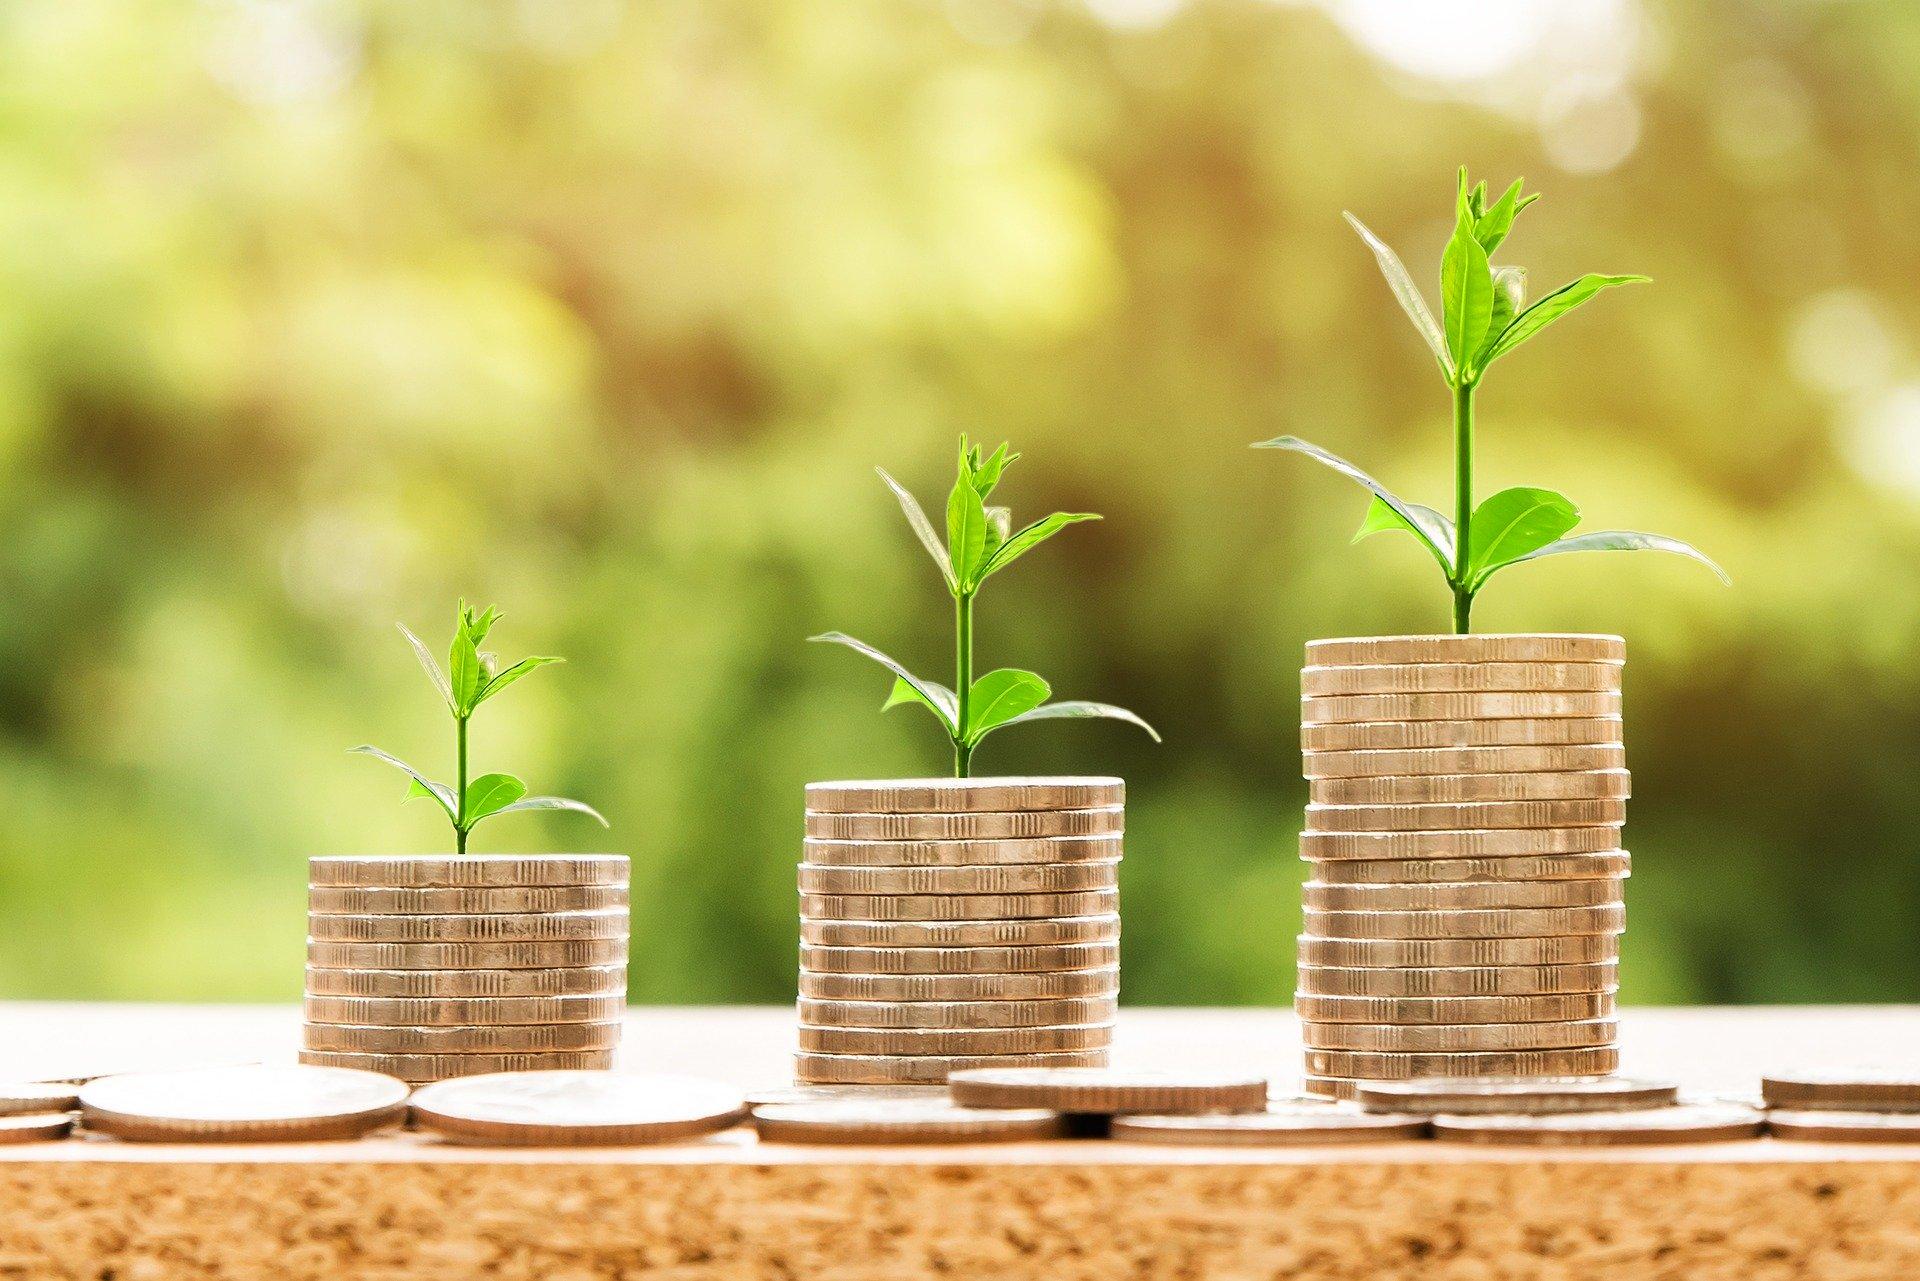 2,6 milijardi dinara finansijske podrške poljoprivrednim gazdinstvima